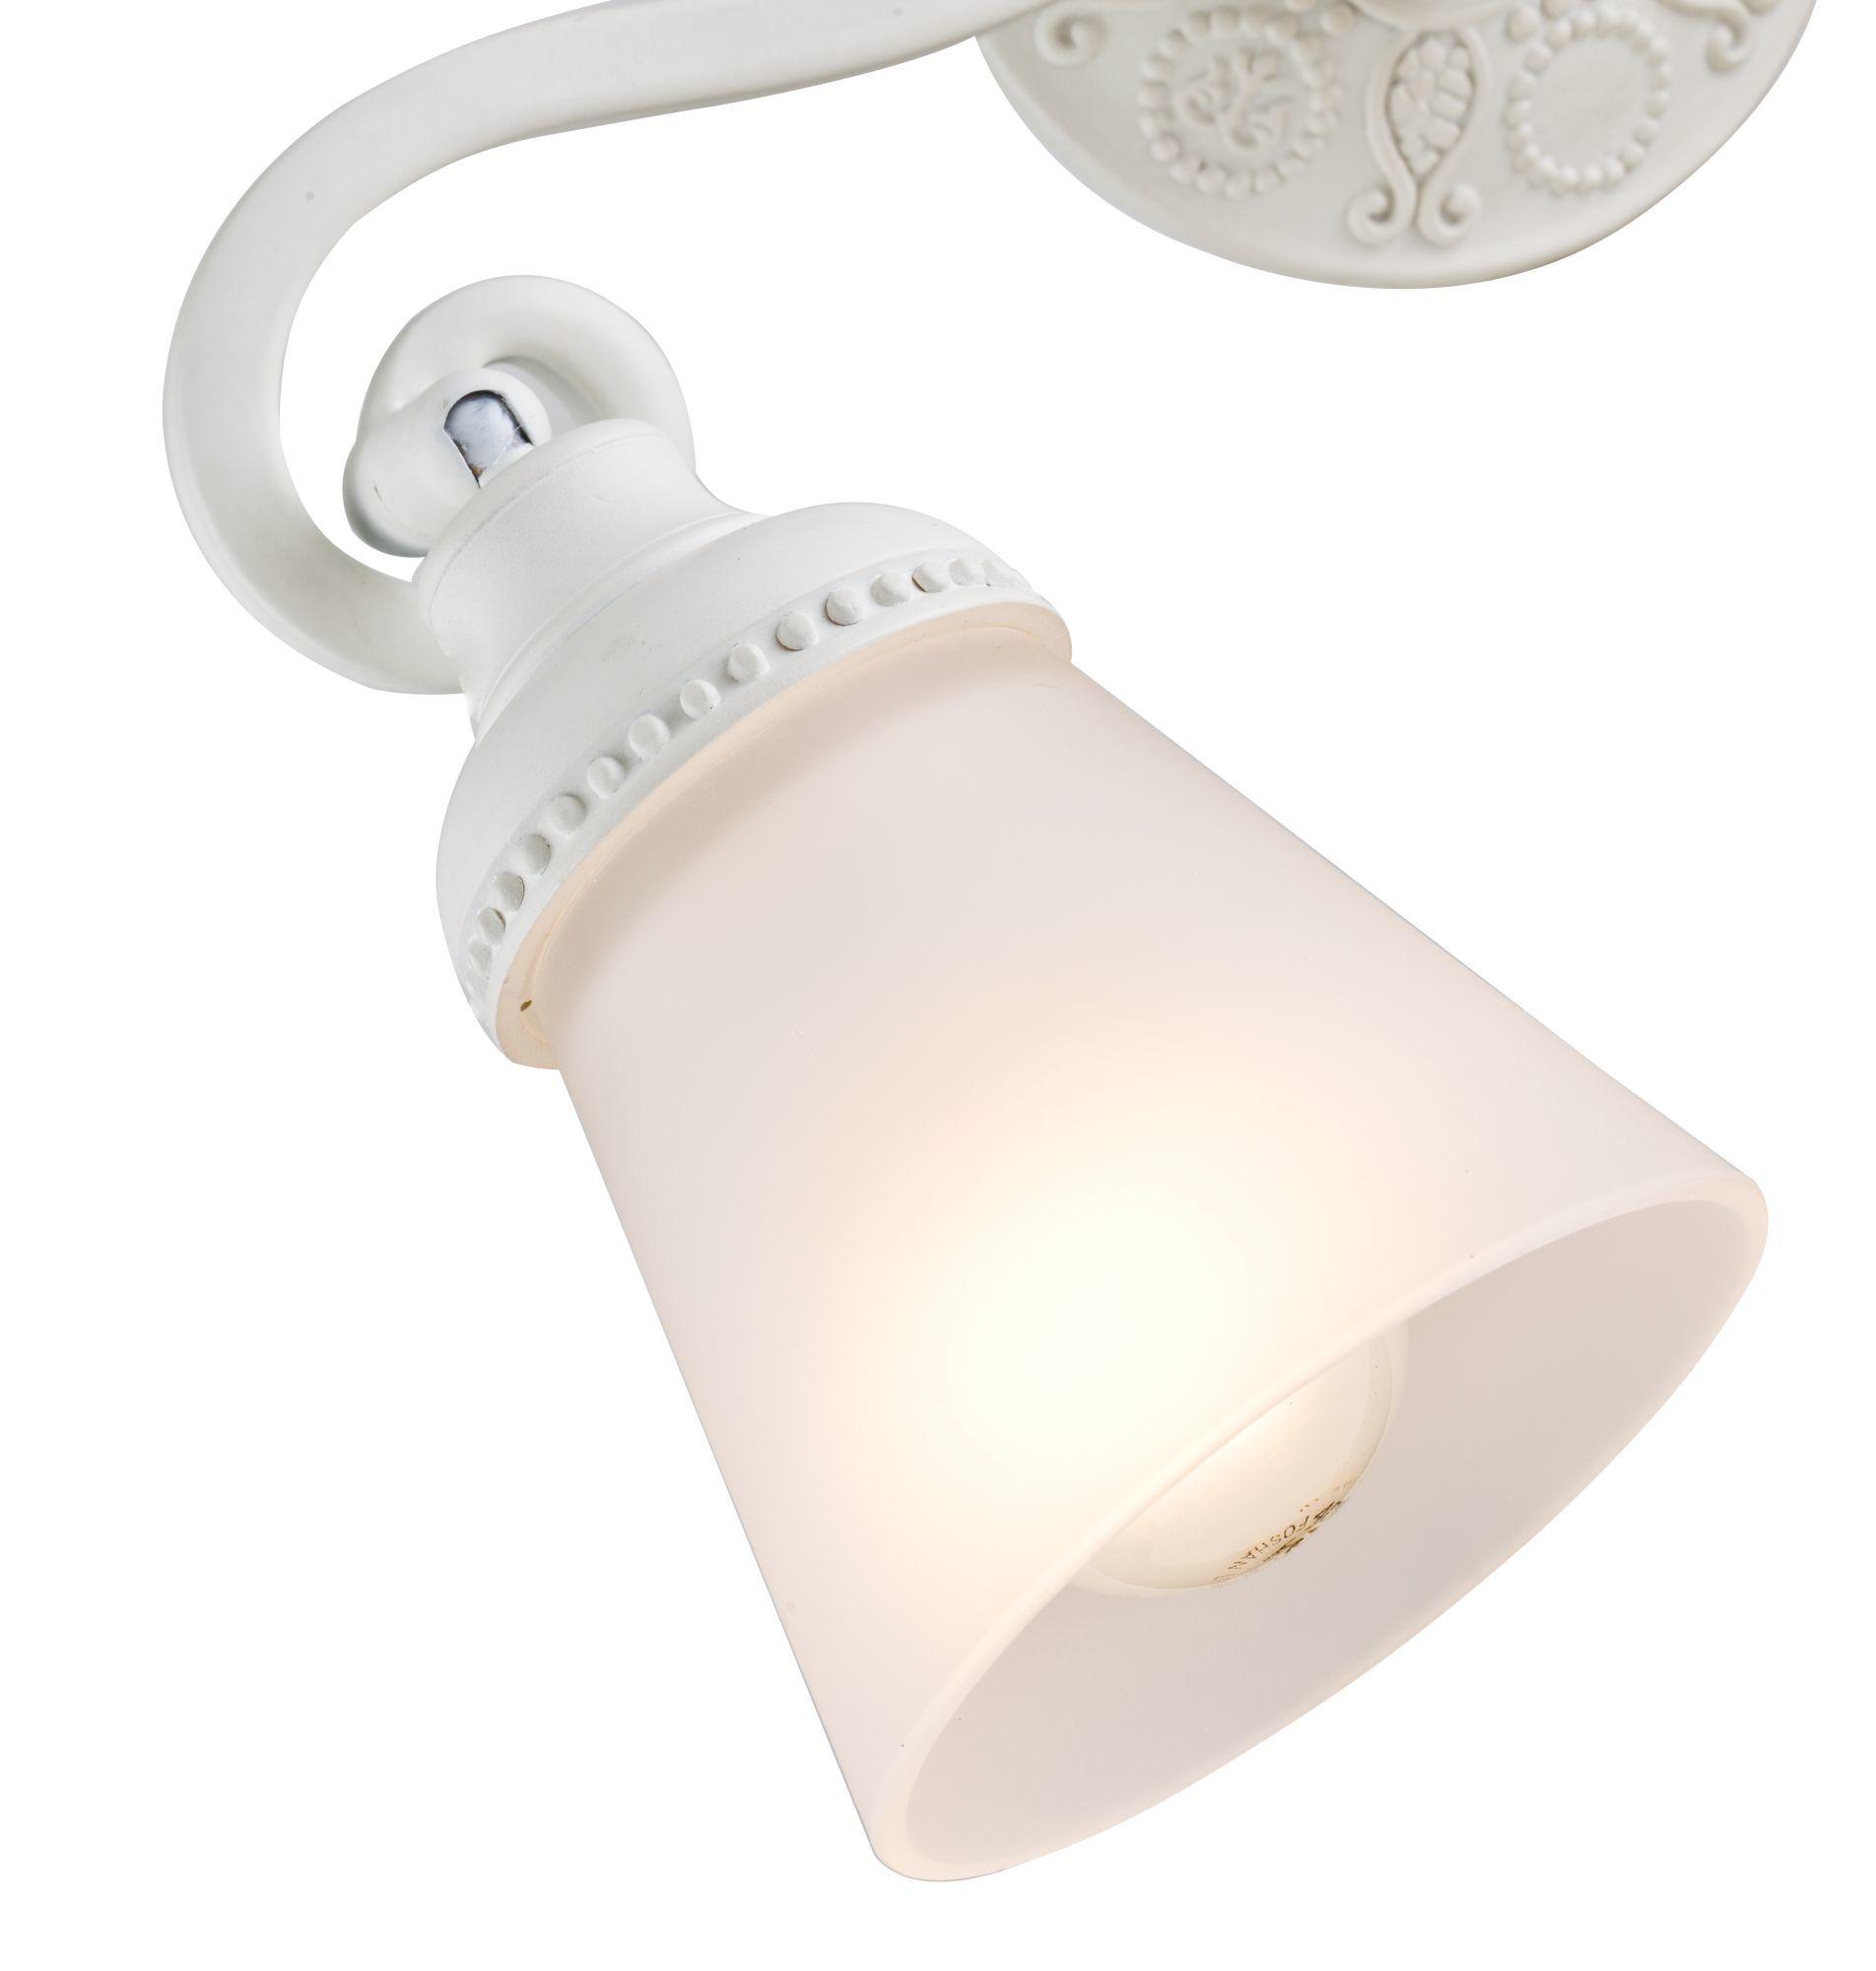 Потолочный светильник с регулировкой направления света Maytoni Mia SP564-CW-02-W (eco564-02-w), 2xE14x40W, белый, металл, стекло - фото 5